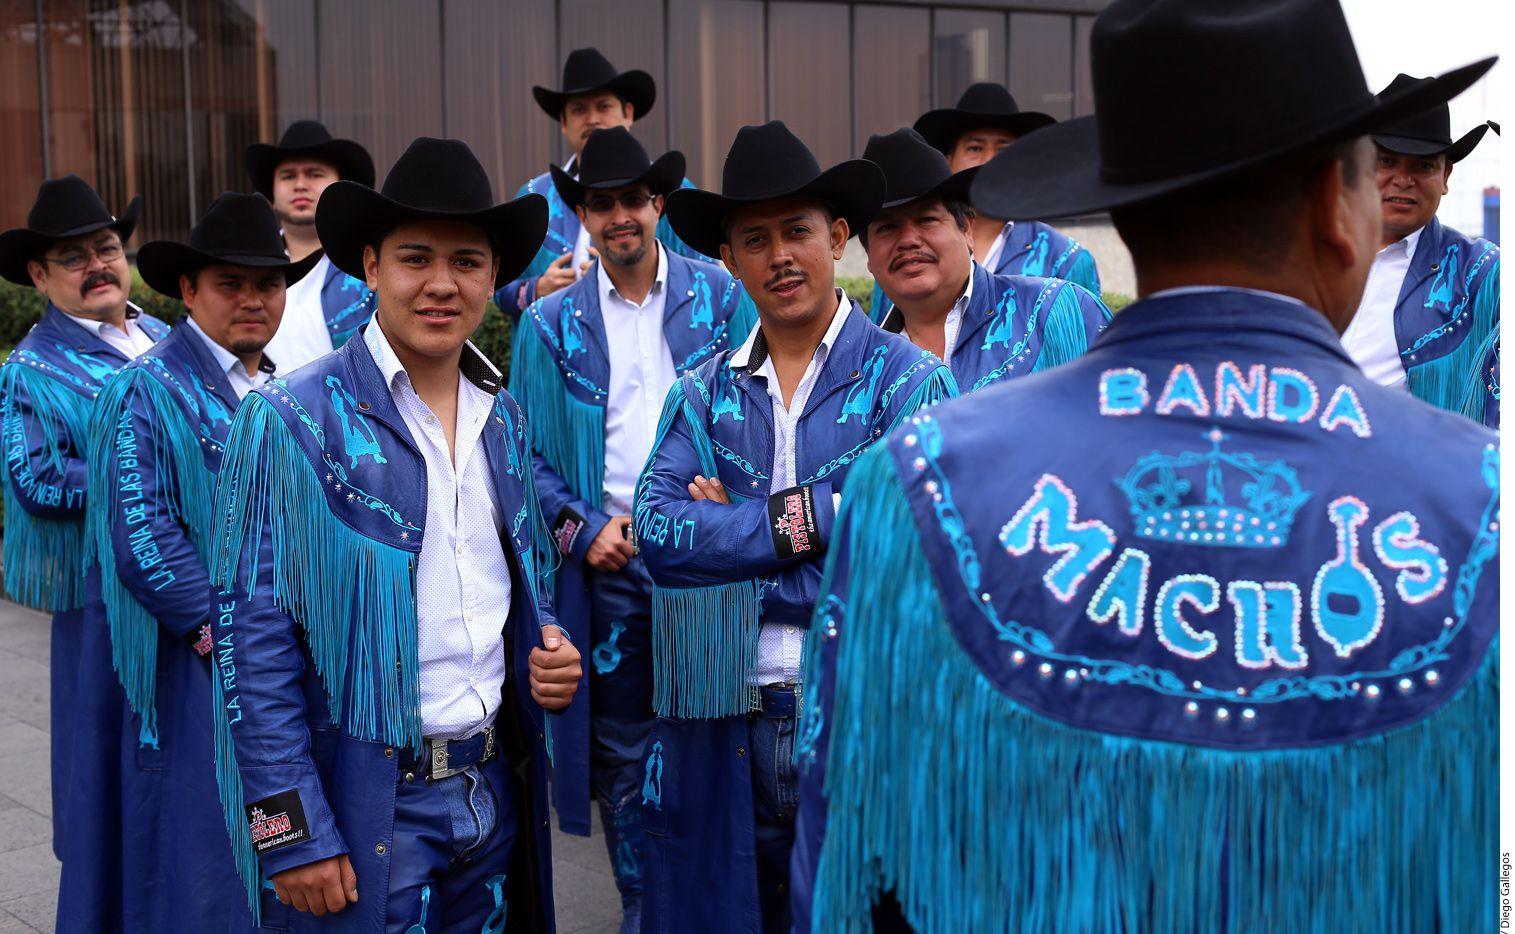 Banfa Machos (foto) dieron a conocer que desde hace cinco años José Juan Guardado Rosales, quien perteneció a la agrupación, creó la Banda Mach con la que han estado usurpando su identidad. AGENCIA REFORMA